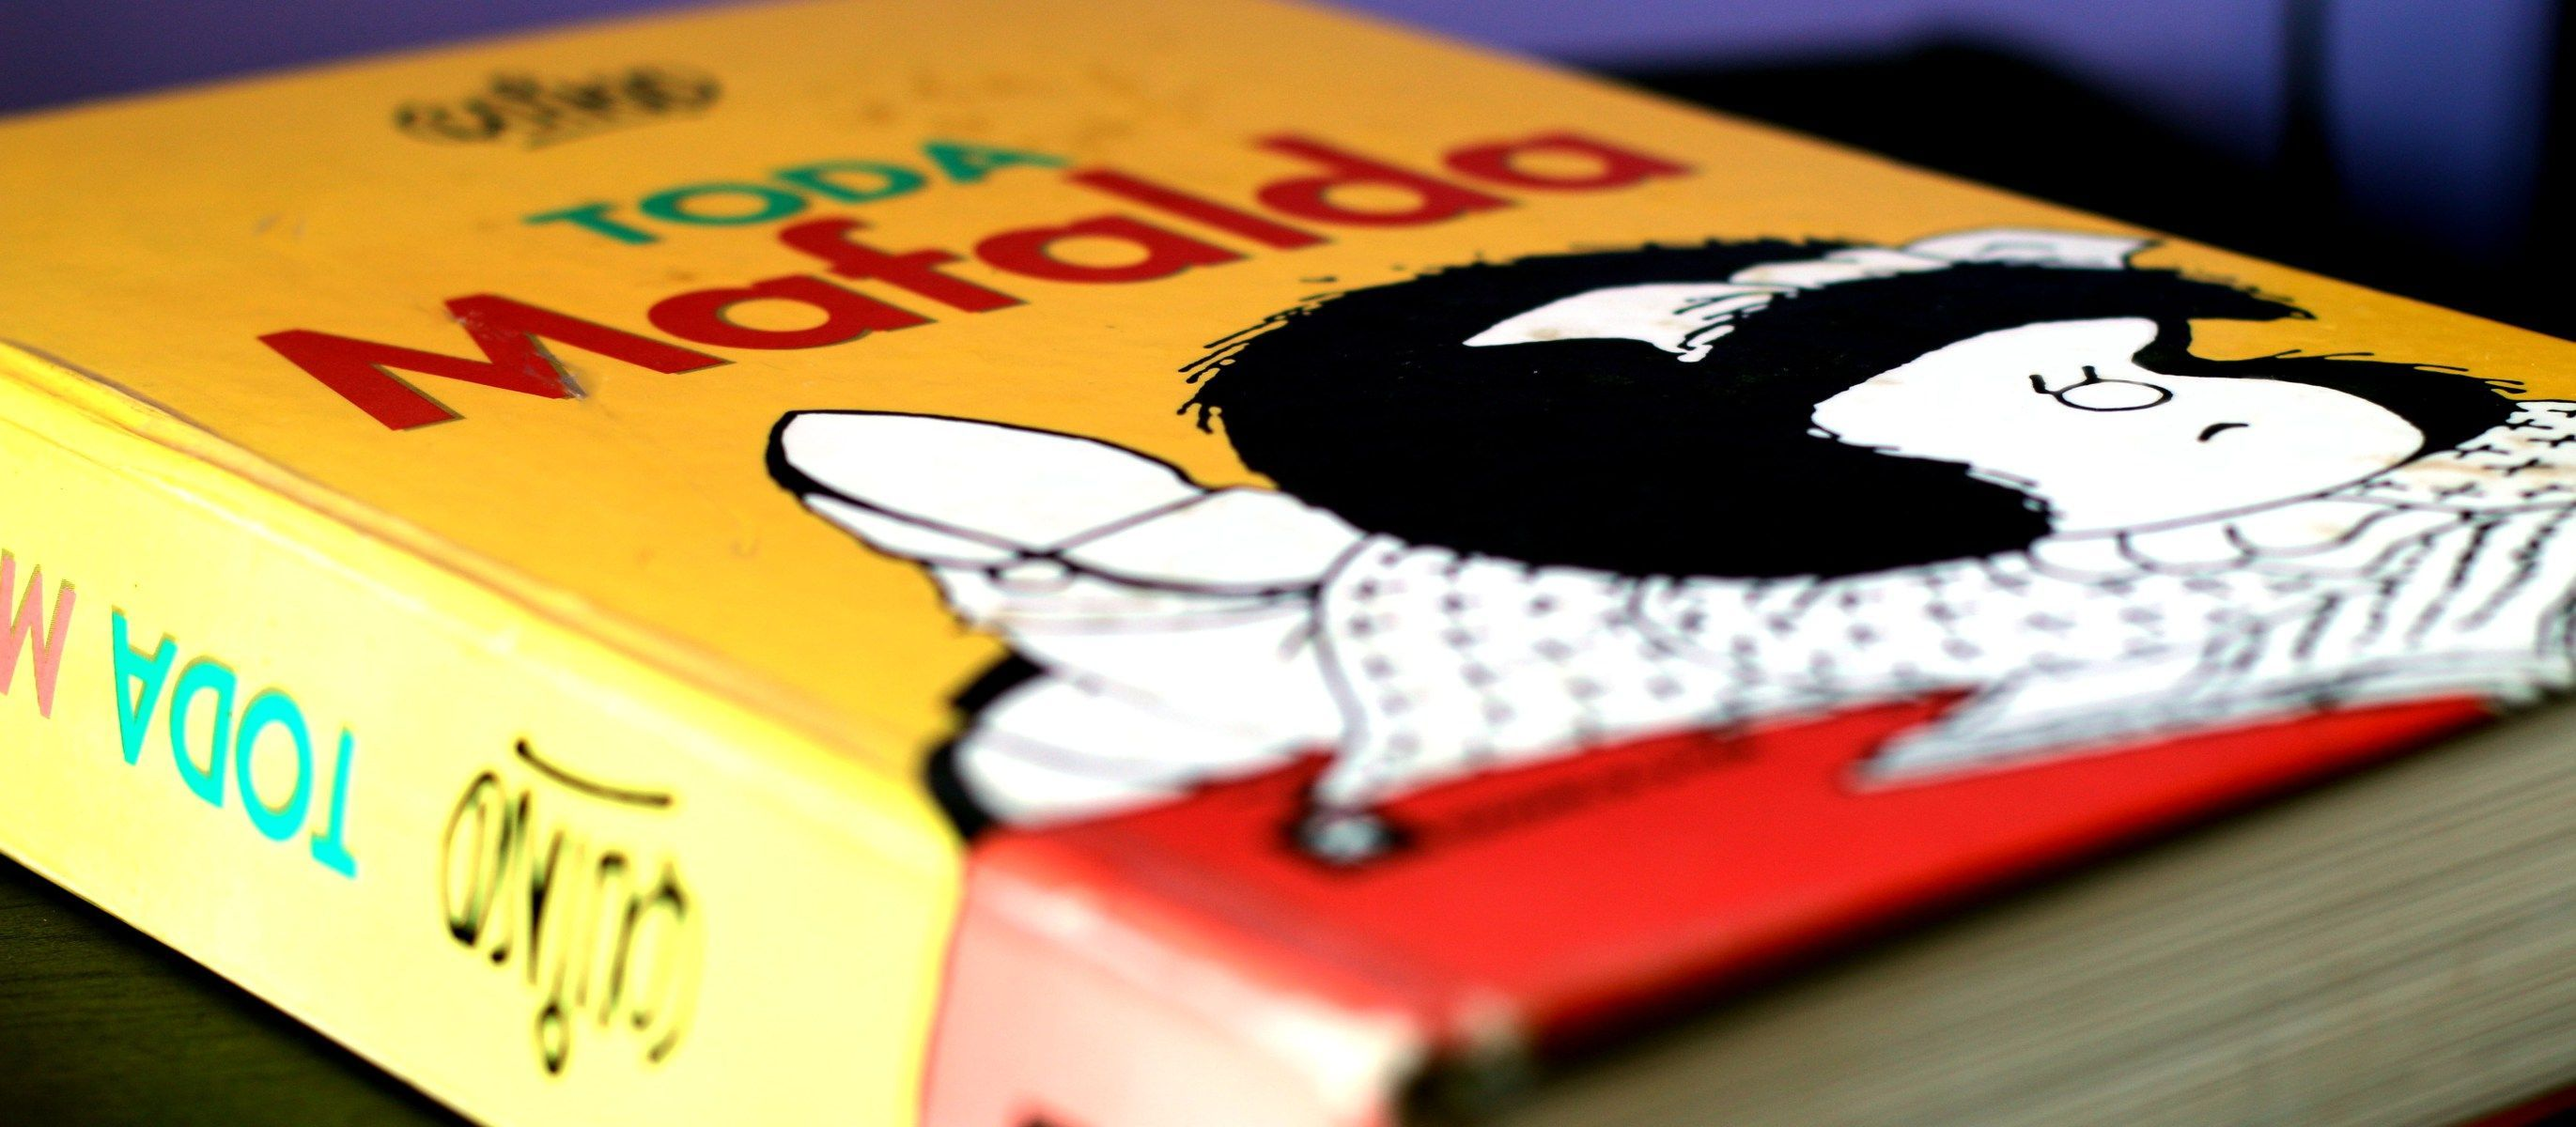 ¿Cuál es la editorial de Mafalda?